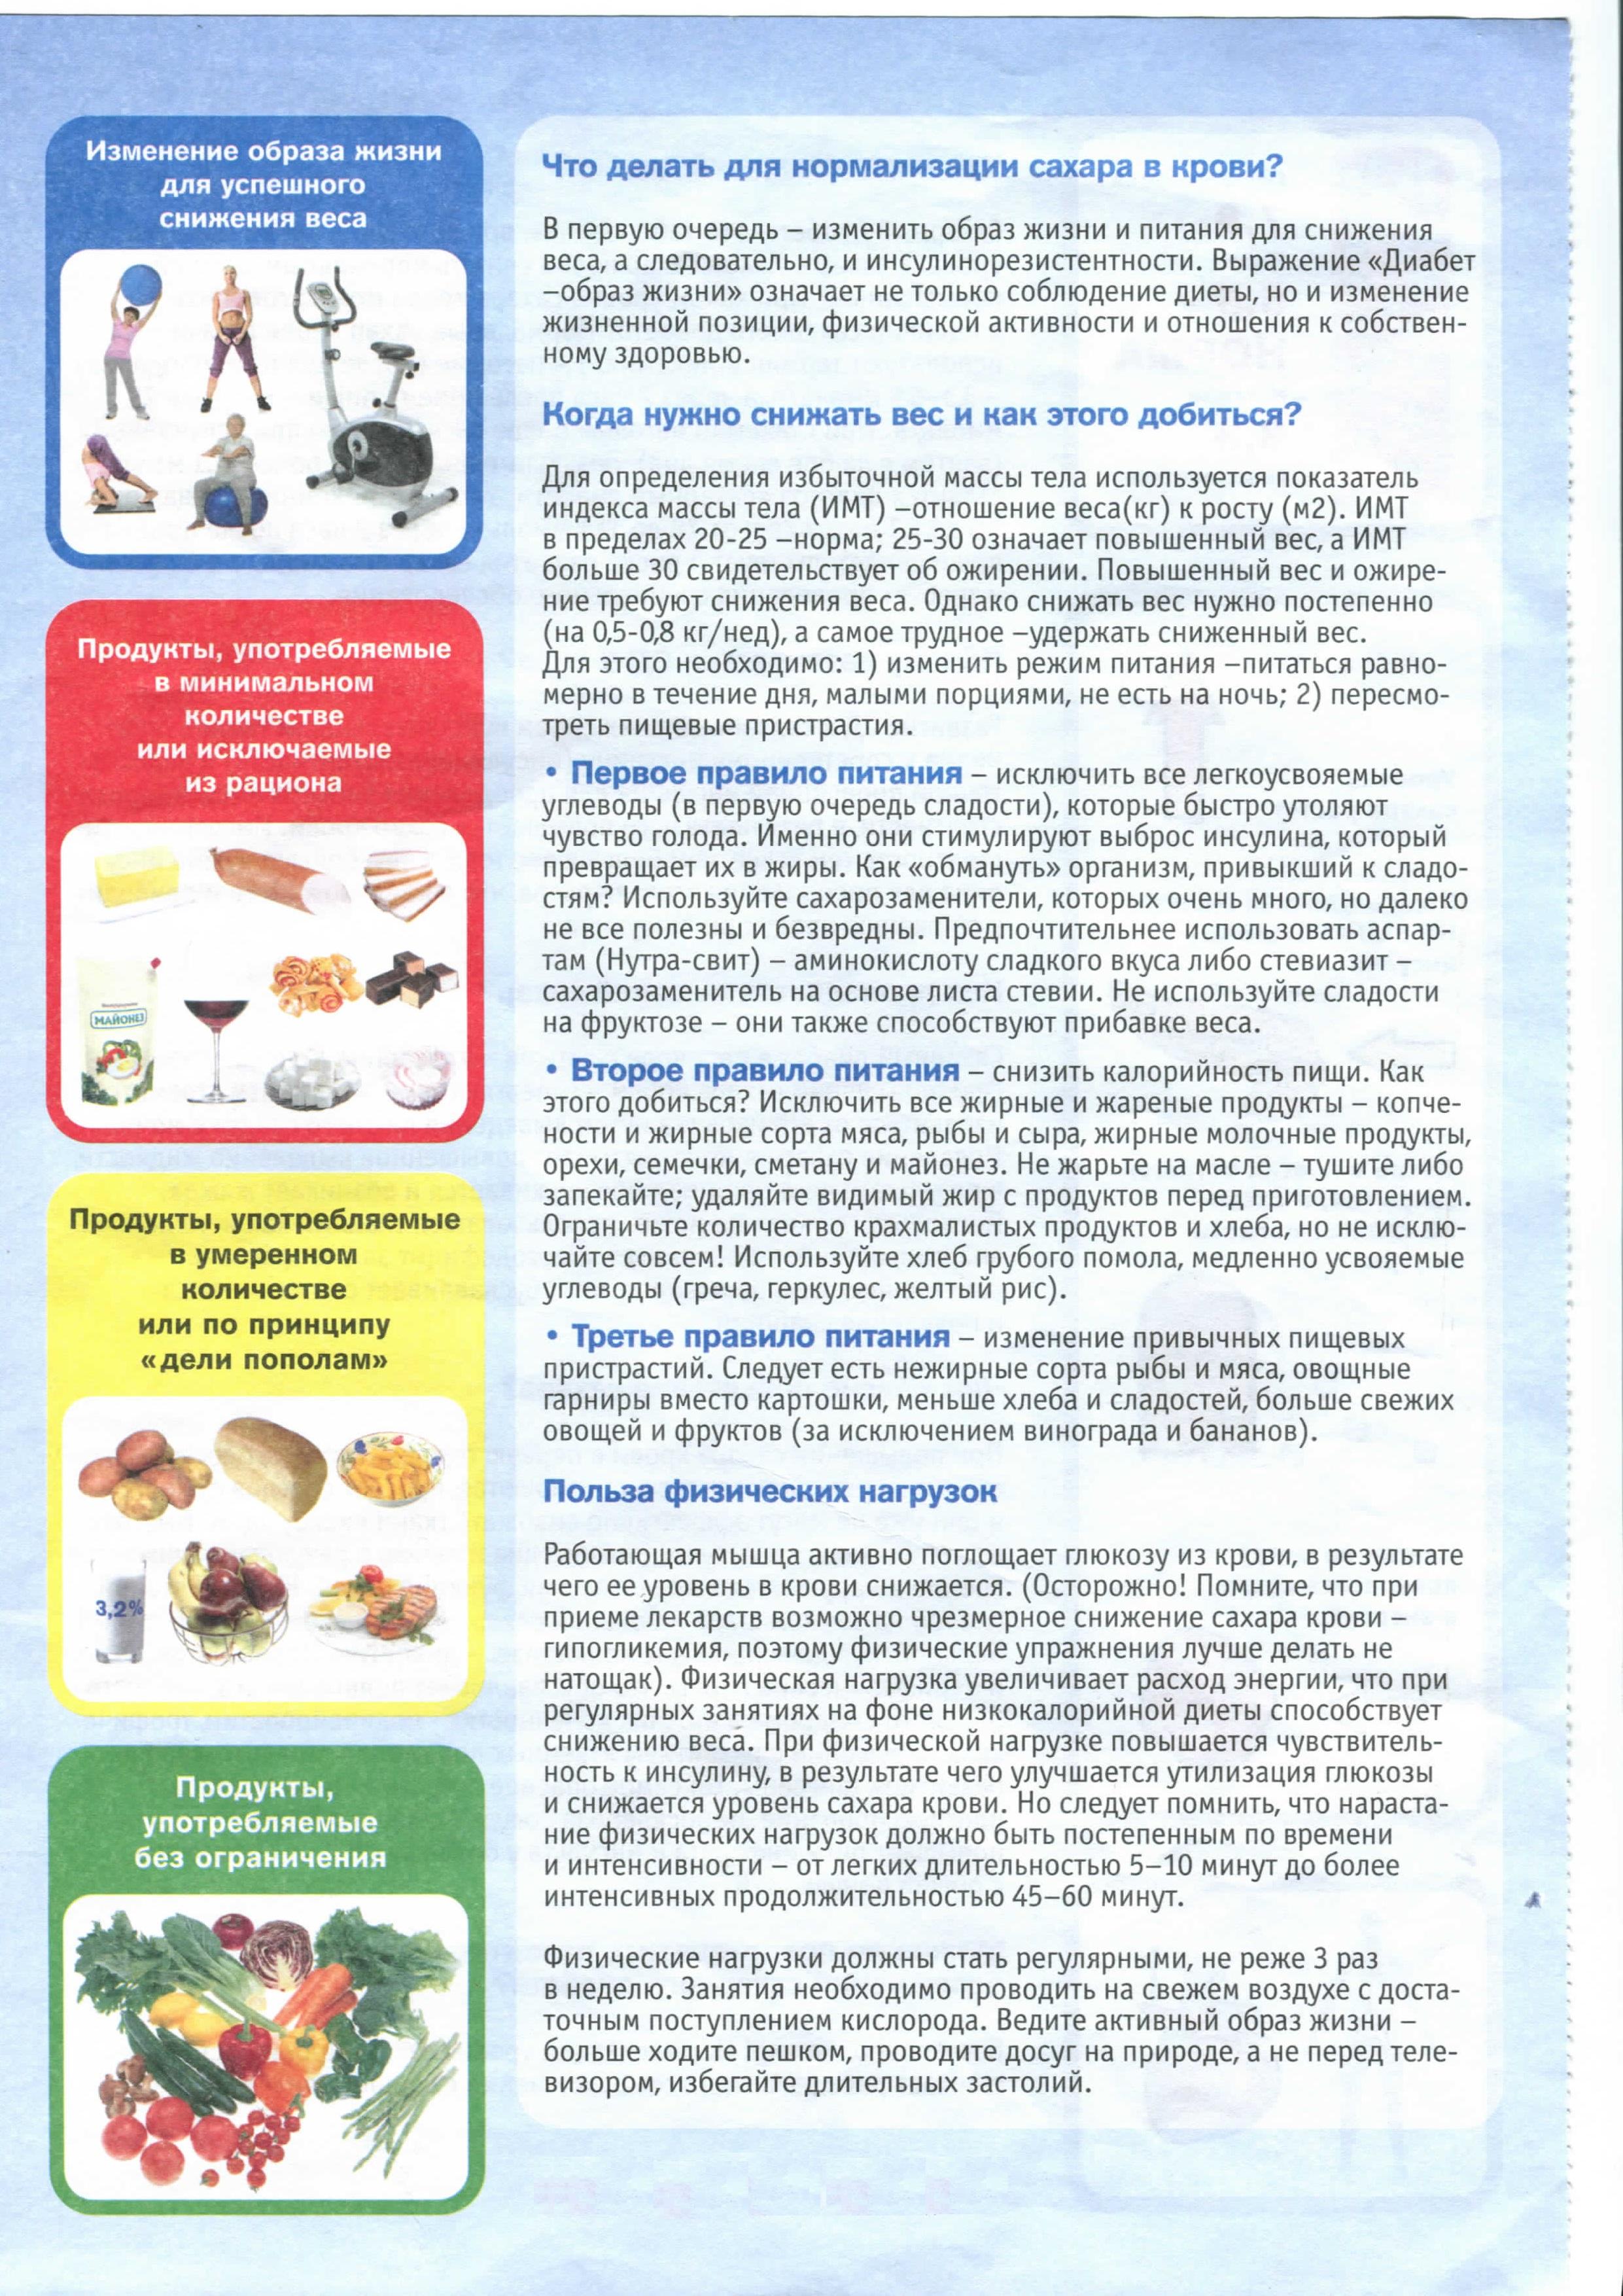 Как снизить сахар в крови в домашних условиях? как эффективно снизить сахар в крови продуктами, диетой, упражнениями?